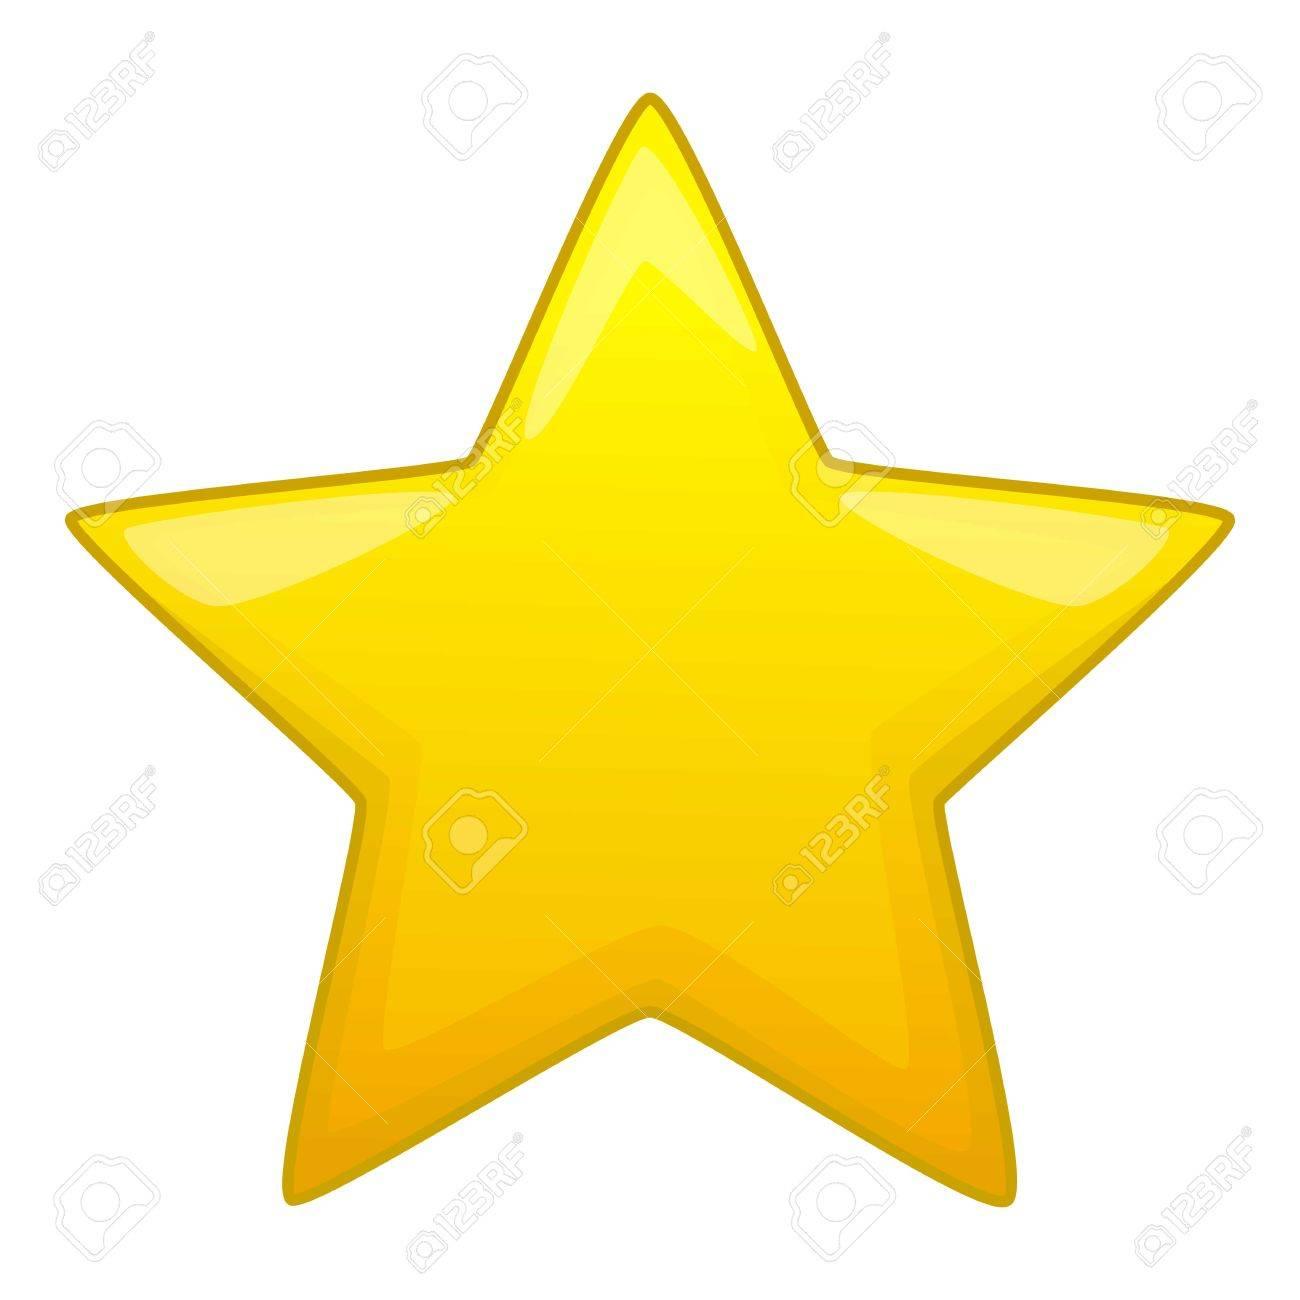 Icône étoile à Cinq Branches Jaunes. Illustration De Dessin Animé D'icône  De Vecteur étoile Jaune à Cinq Branches Pour La Conception Web Clip Art  Libres De Droits , Vecteurs Et Illustration. Image